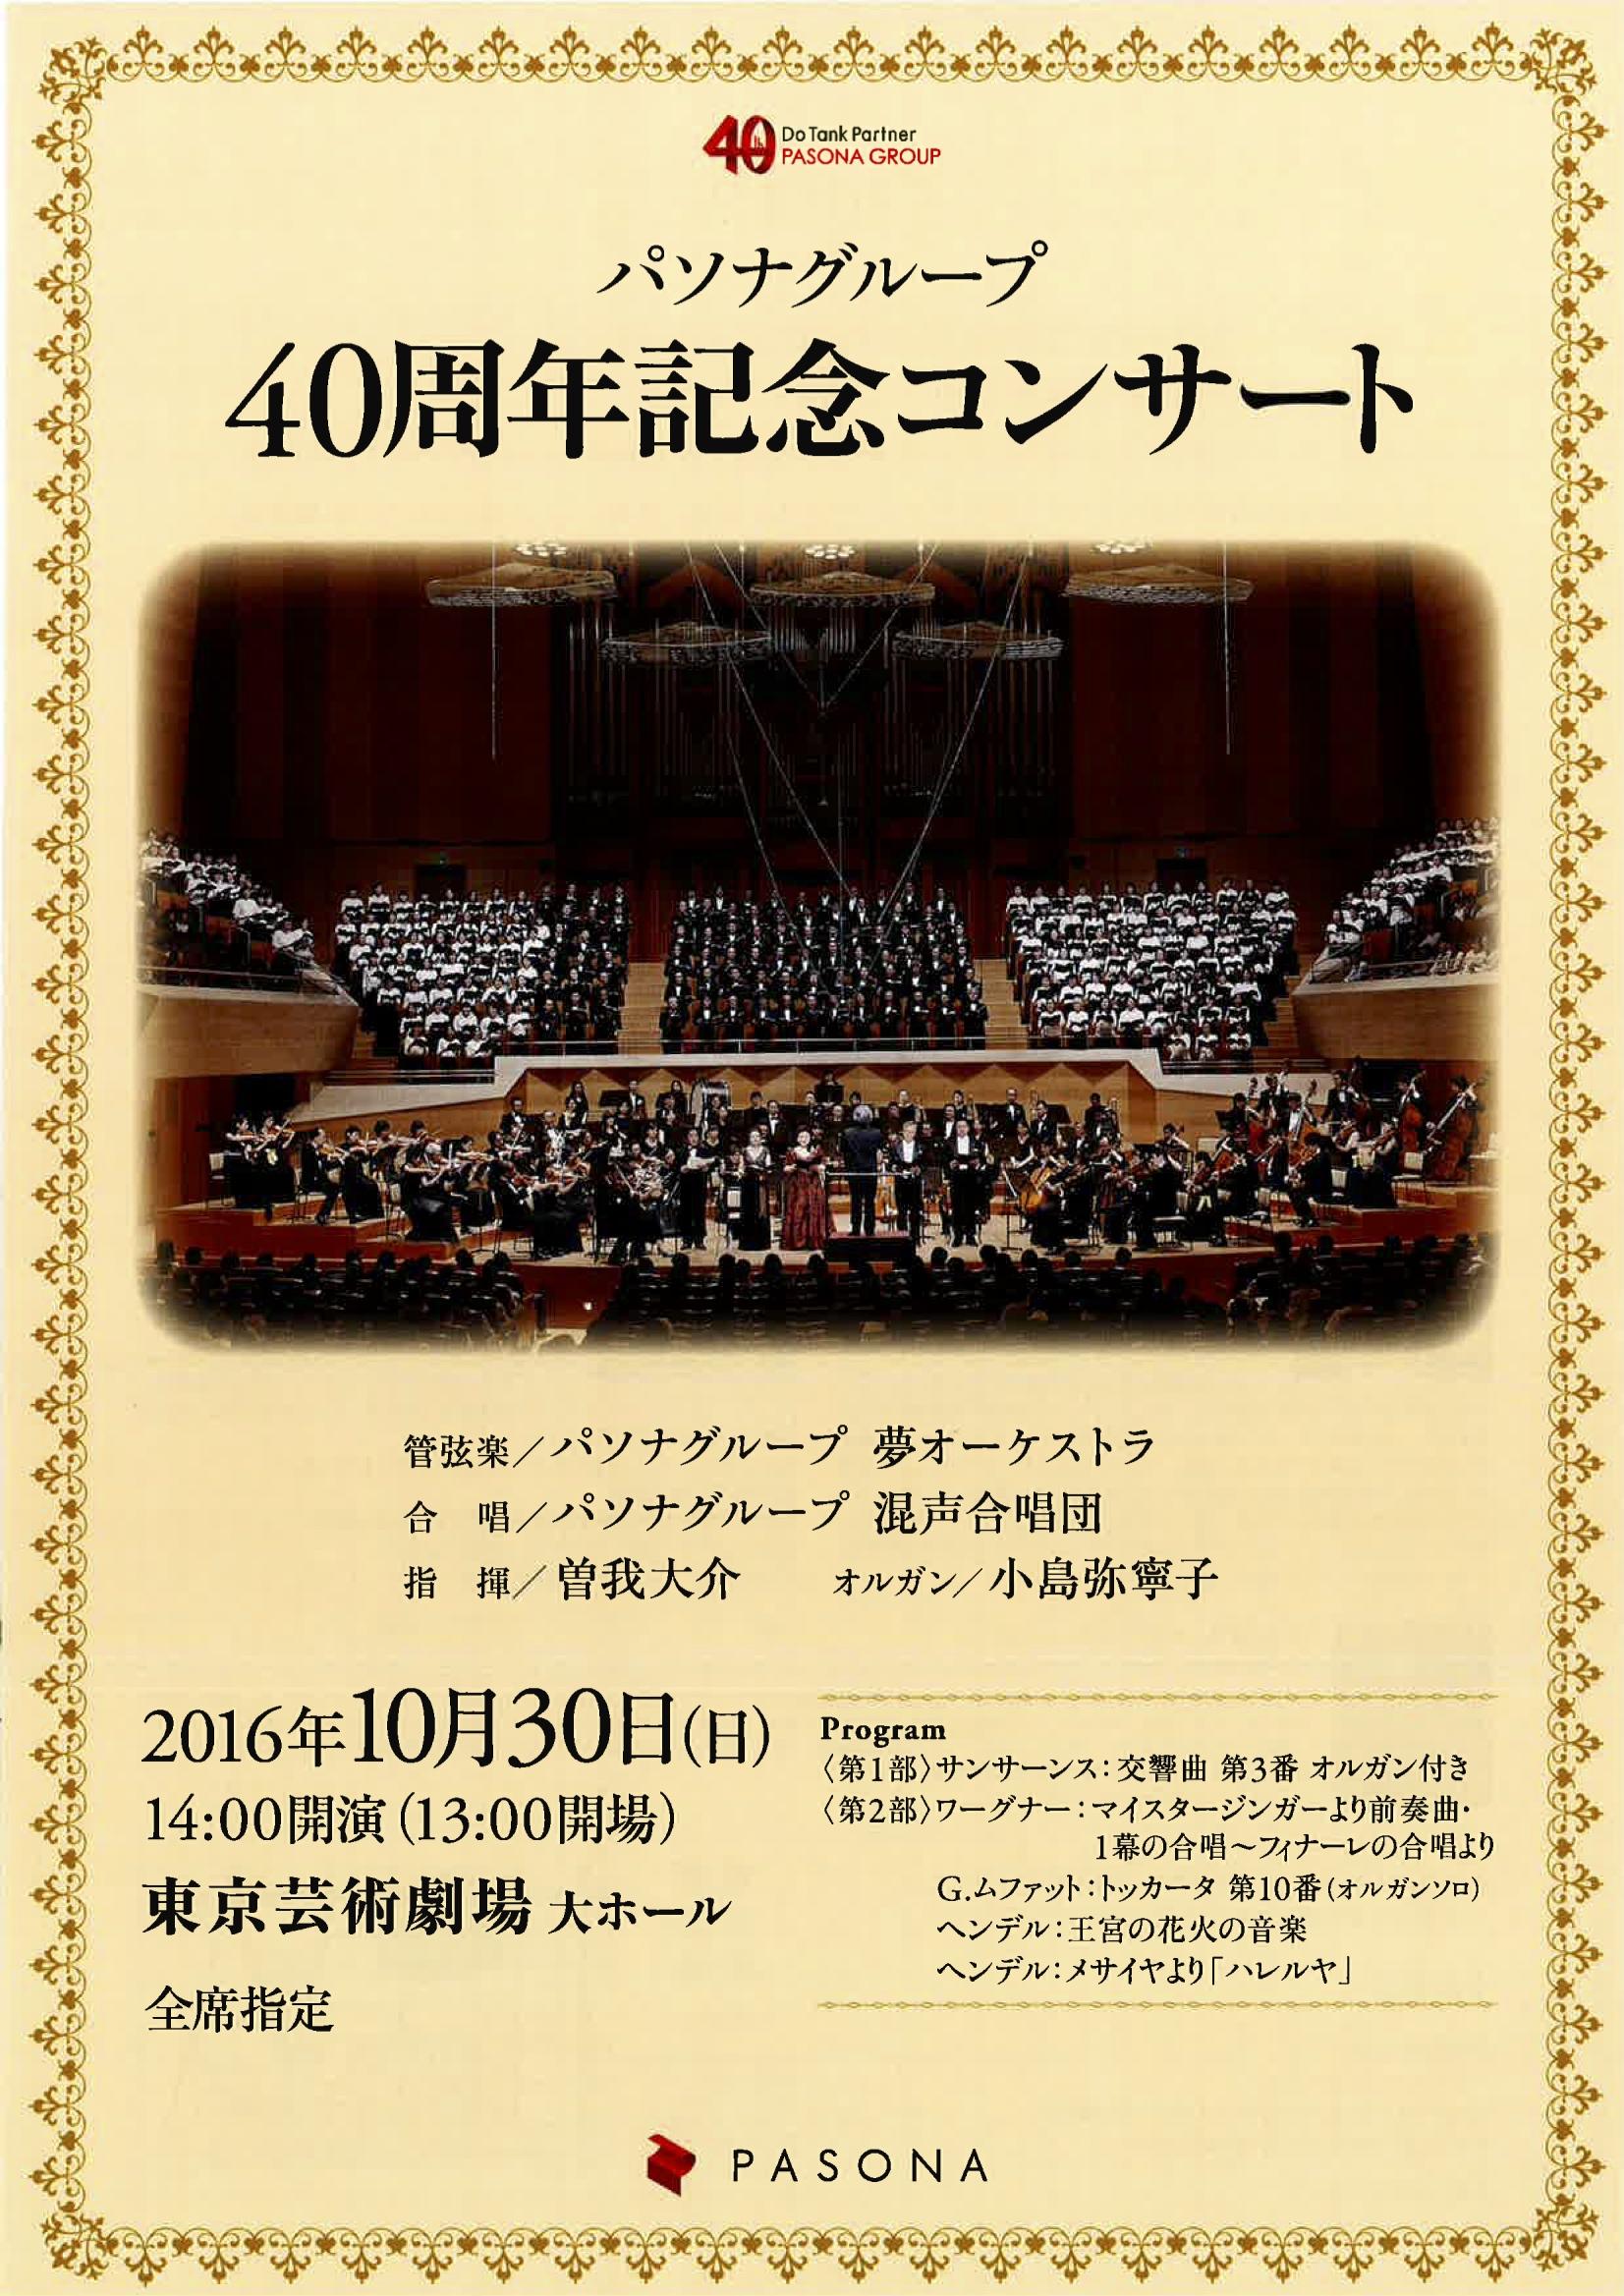 パソナグループ40周年記念コンサート